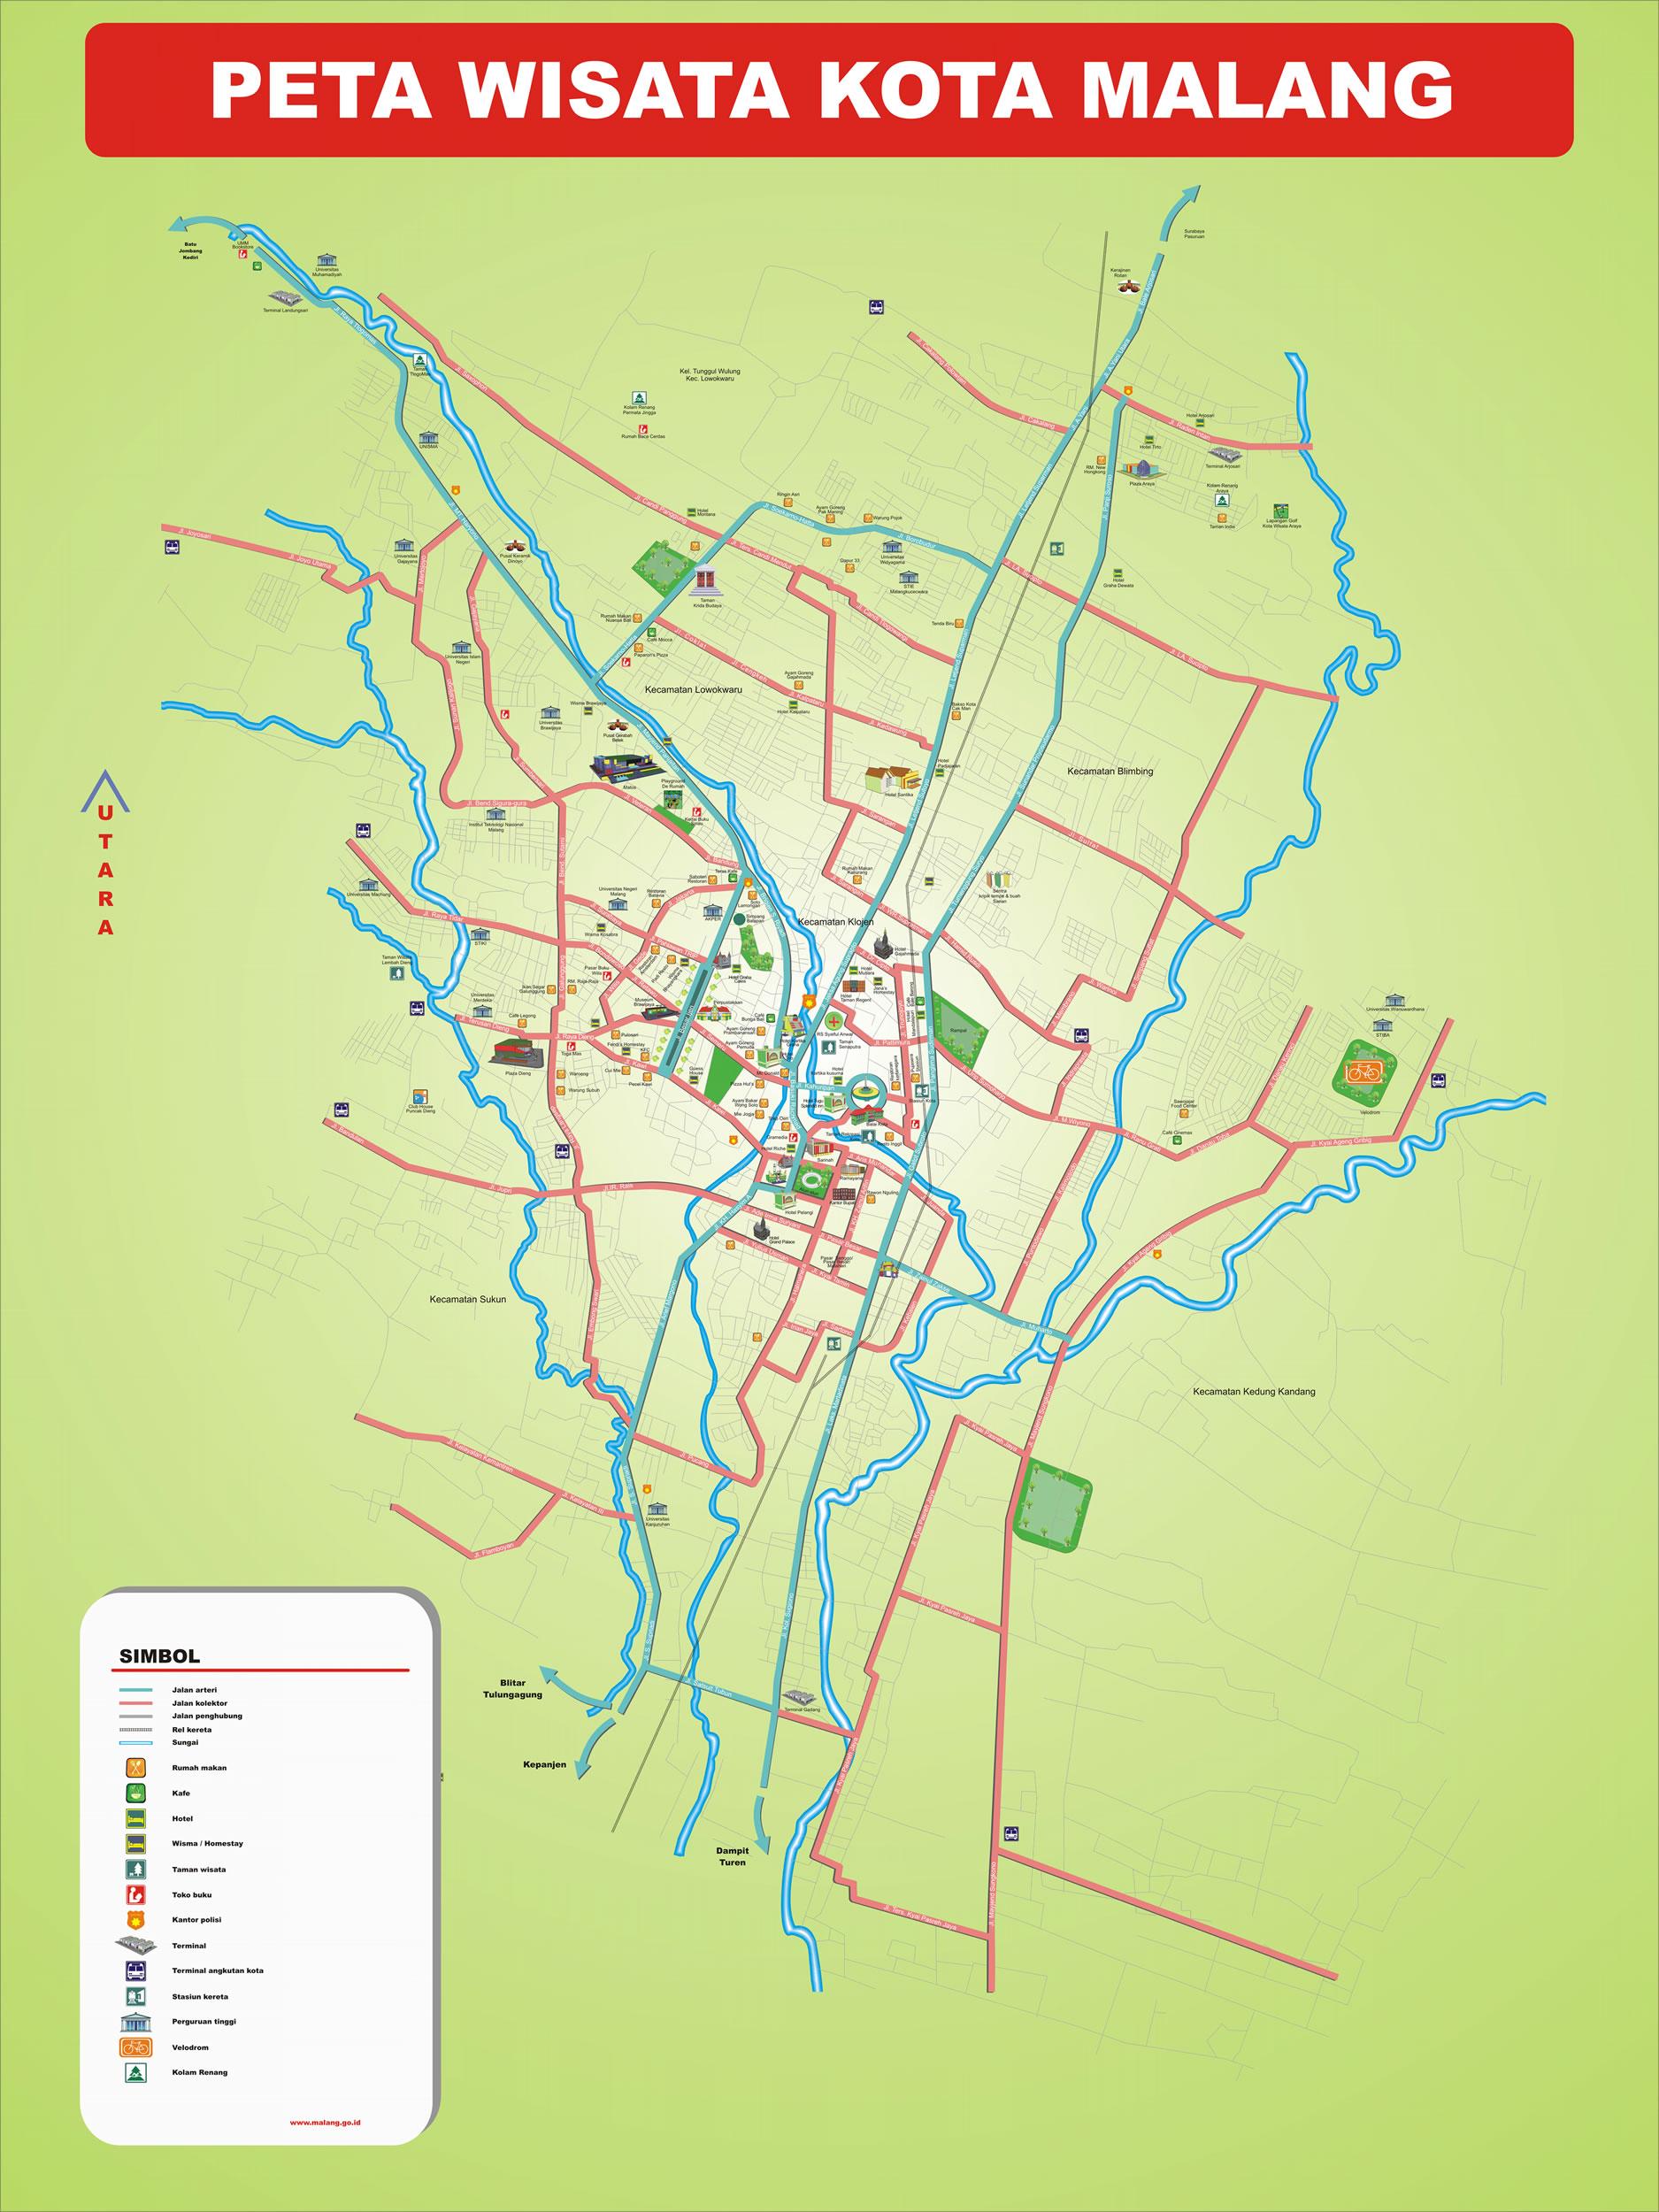 Peta Kota: Peta Kota Malang